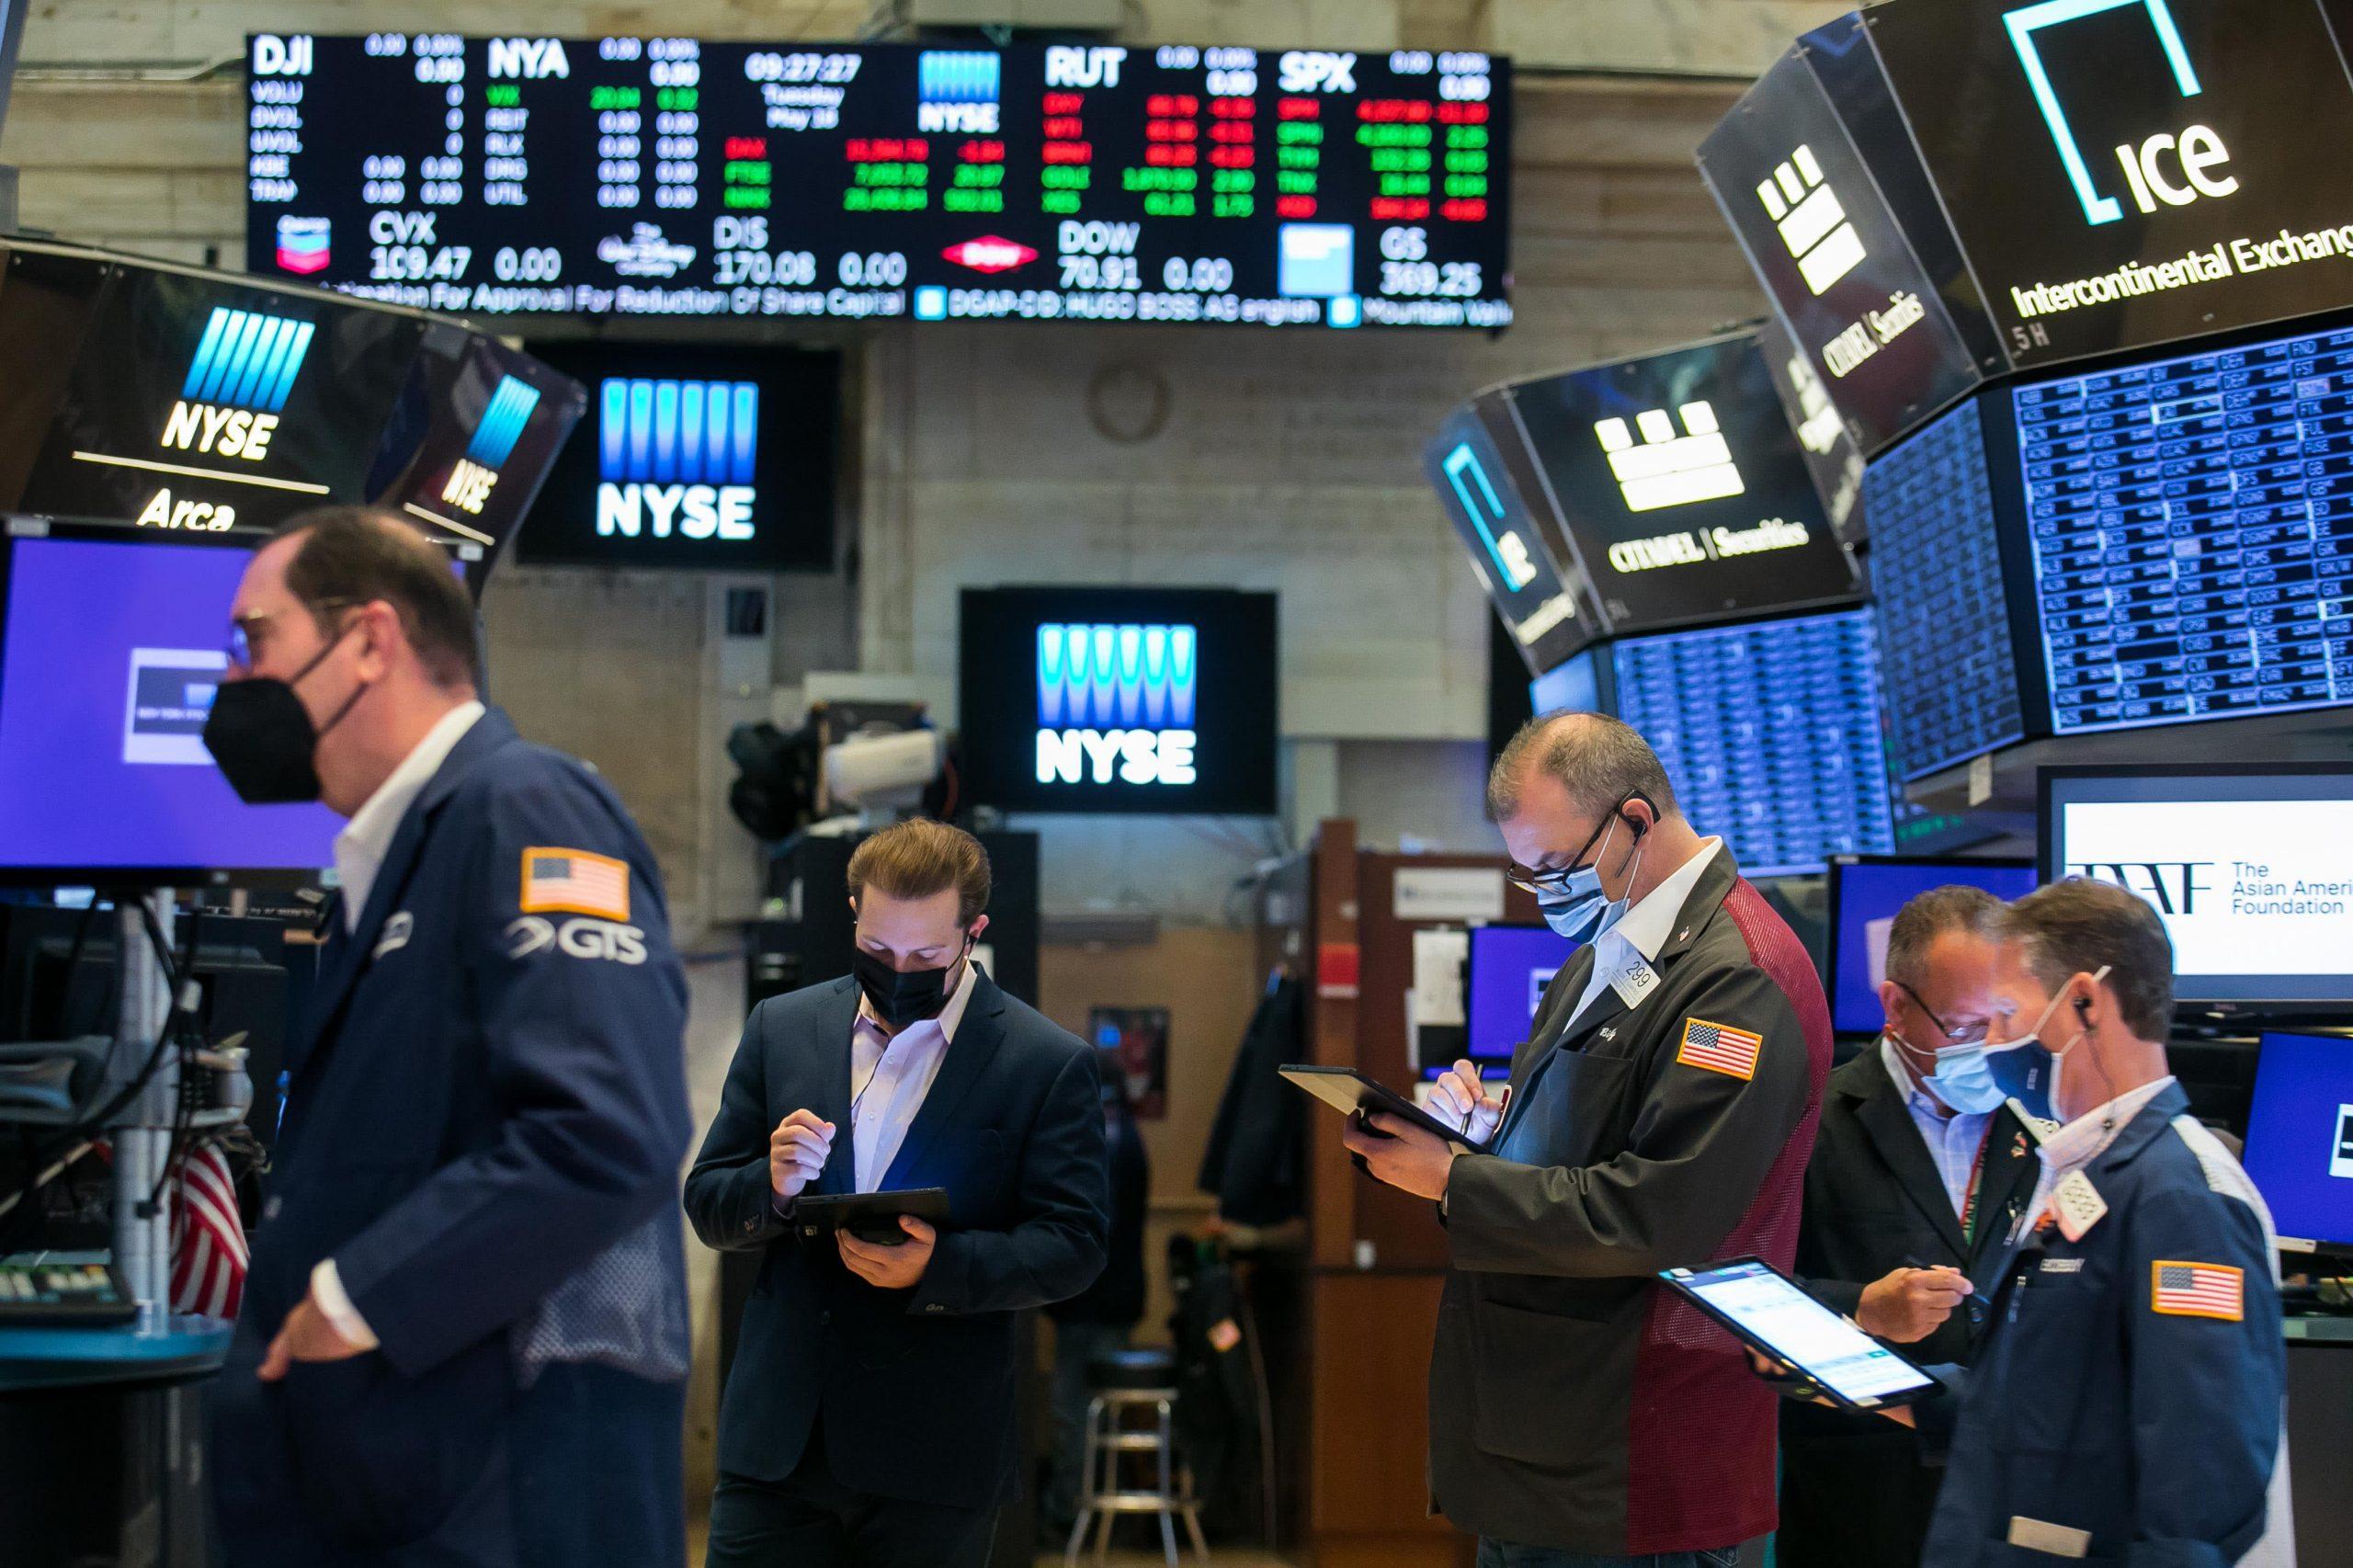 Los futuros de acciones están planos para comenzar la semana con el S&P 500 a solo pulgadas de un récord